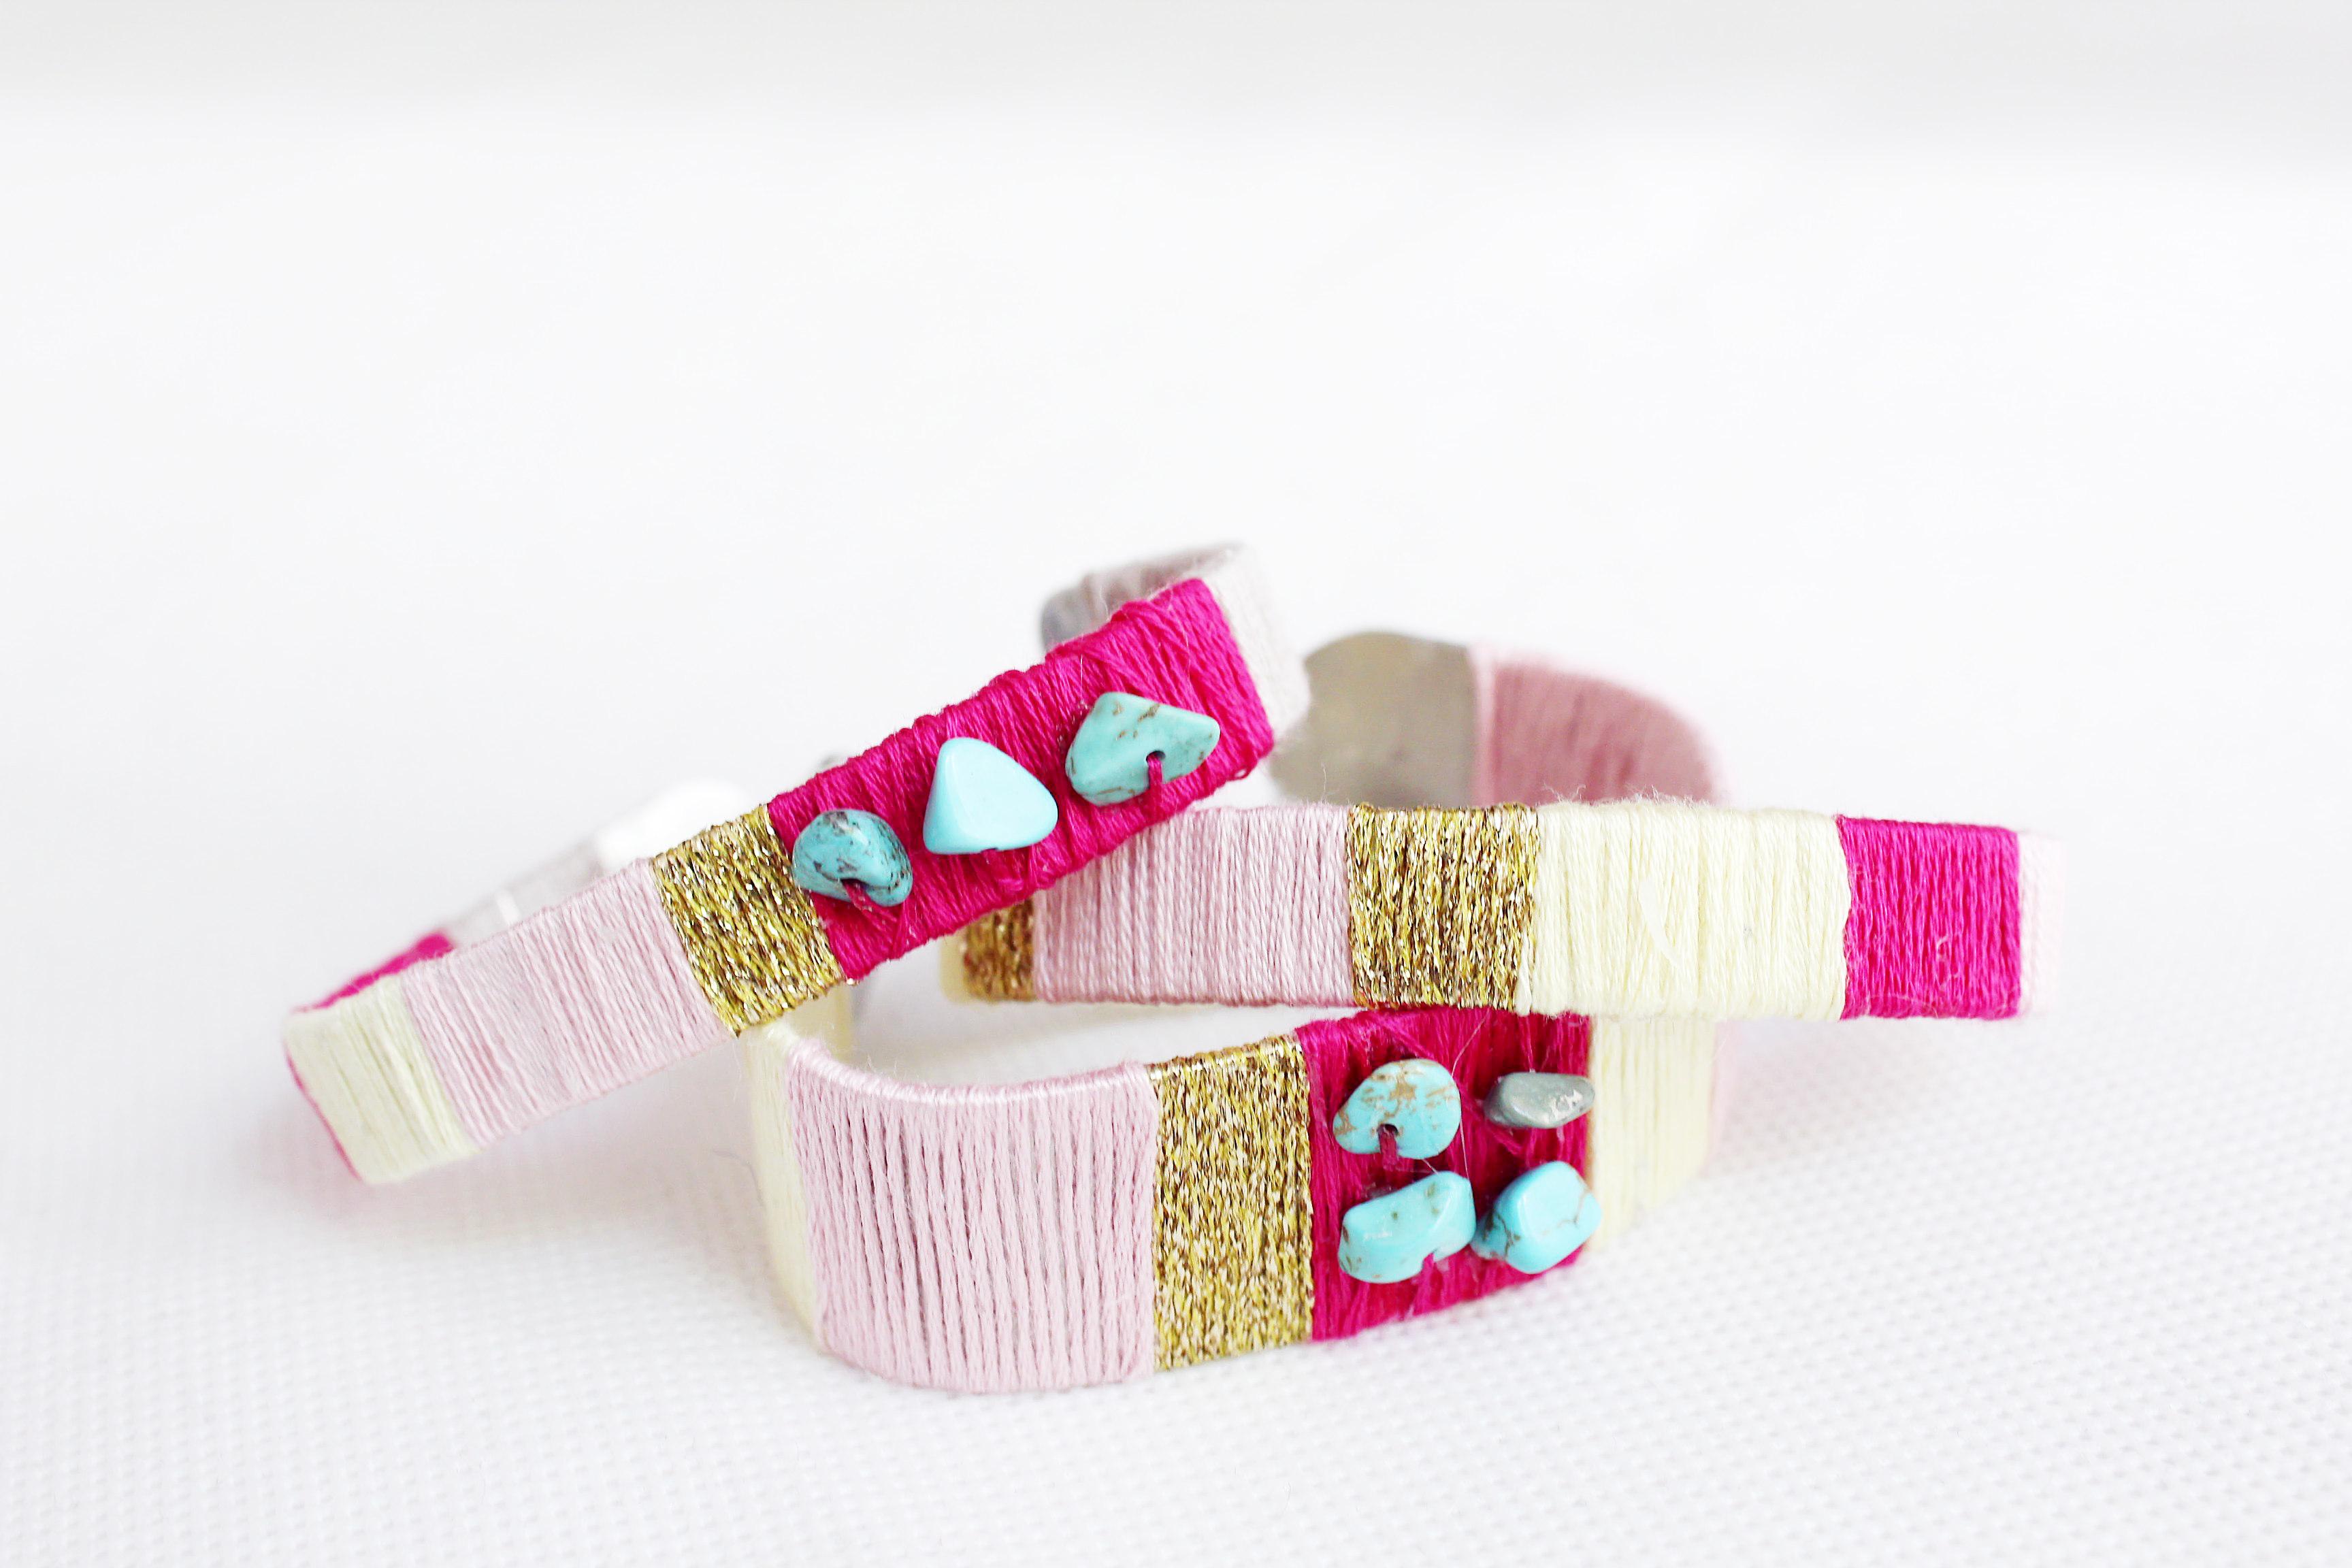 Geschenke basteln archive   madmoisell diy blog über deko, mode ...